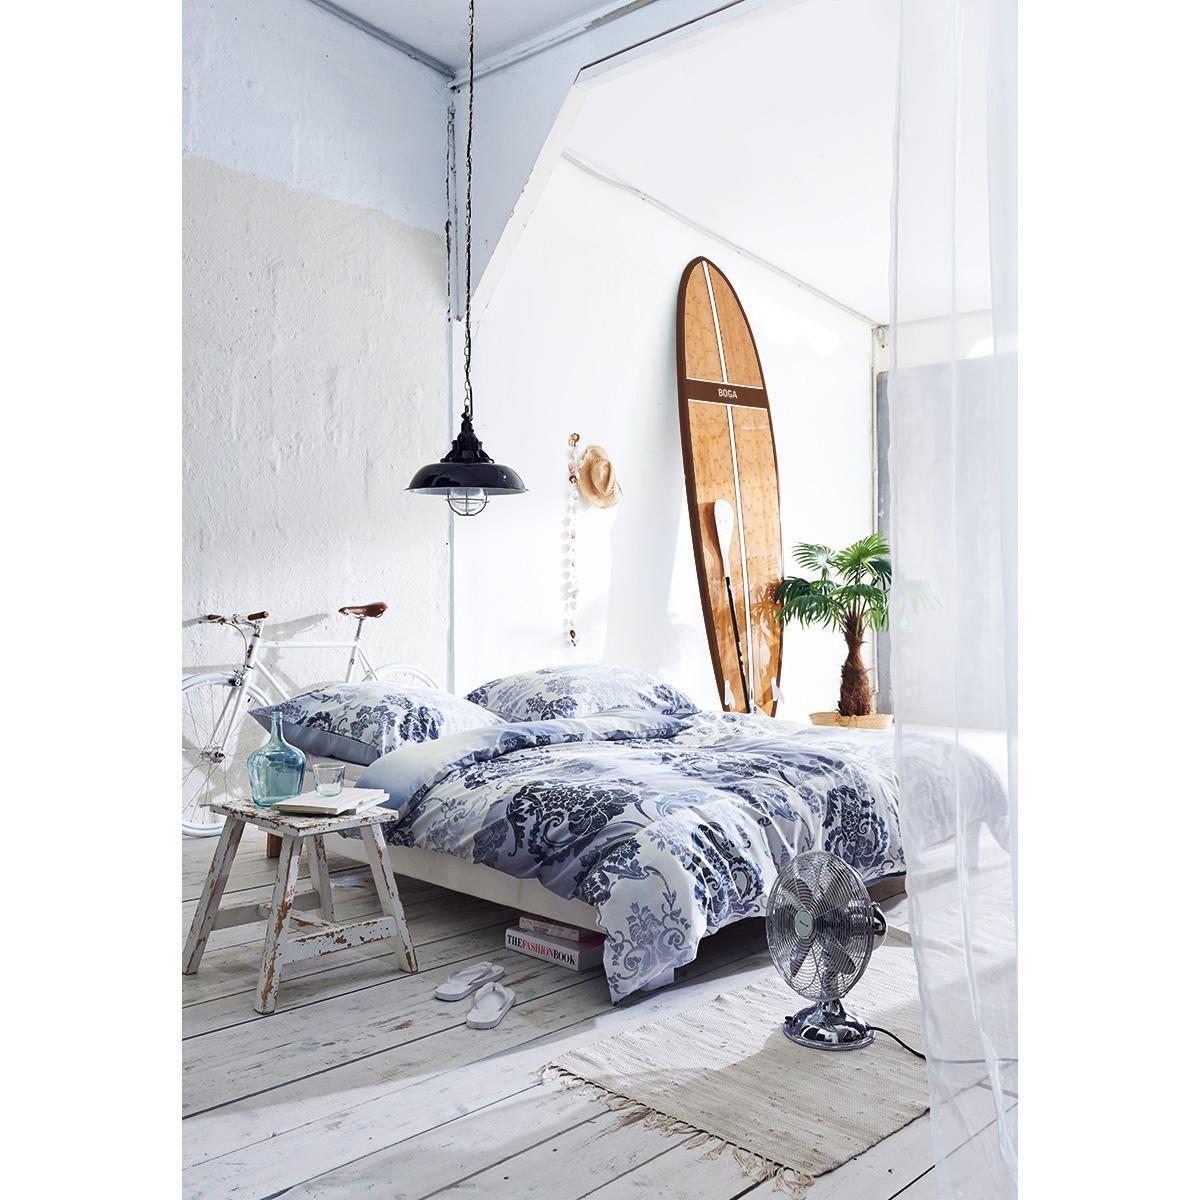 hochwertige bettwasche traumen hochwertige bettwasche fur, Schlafzimmer entwurf